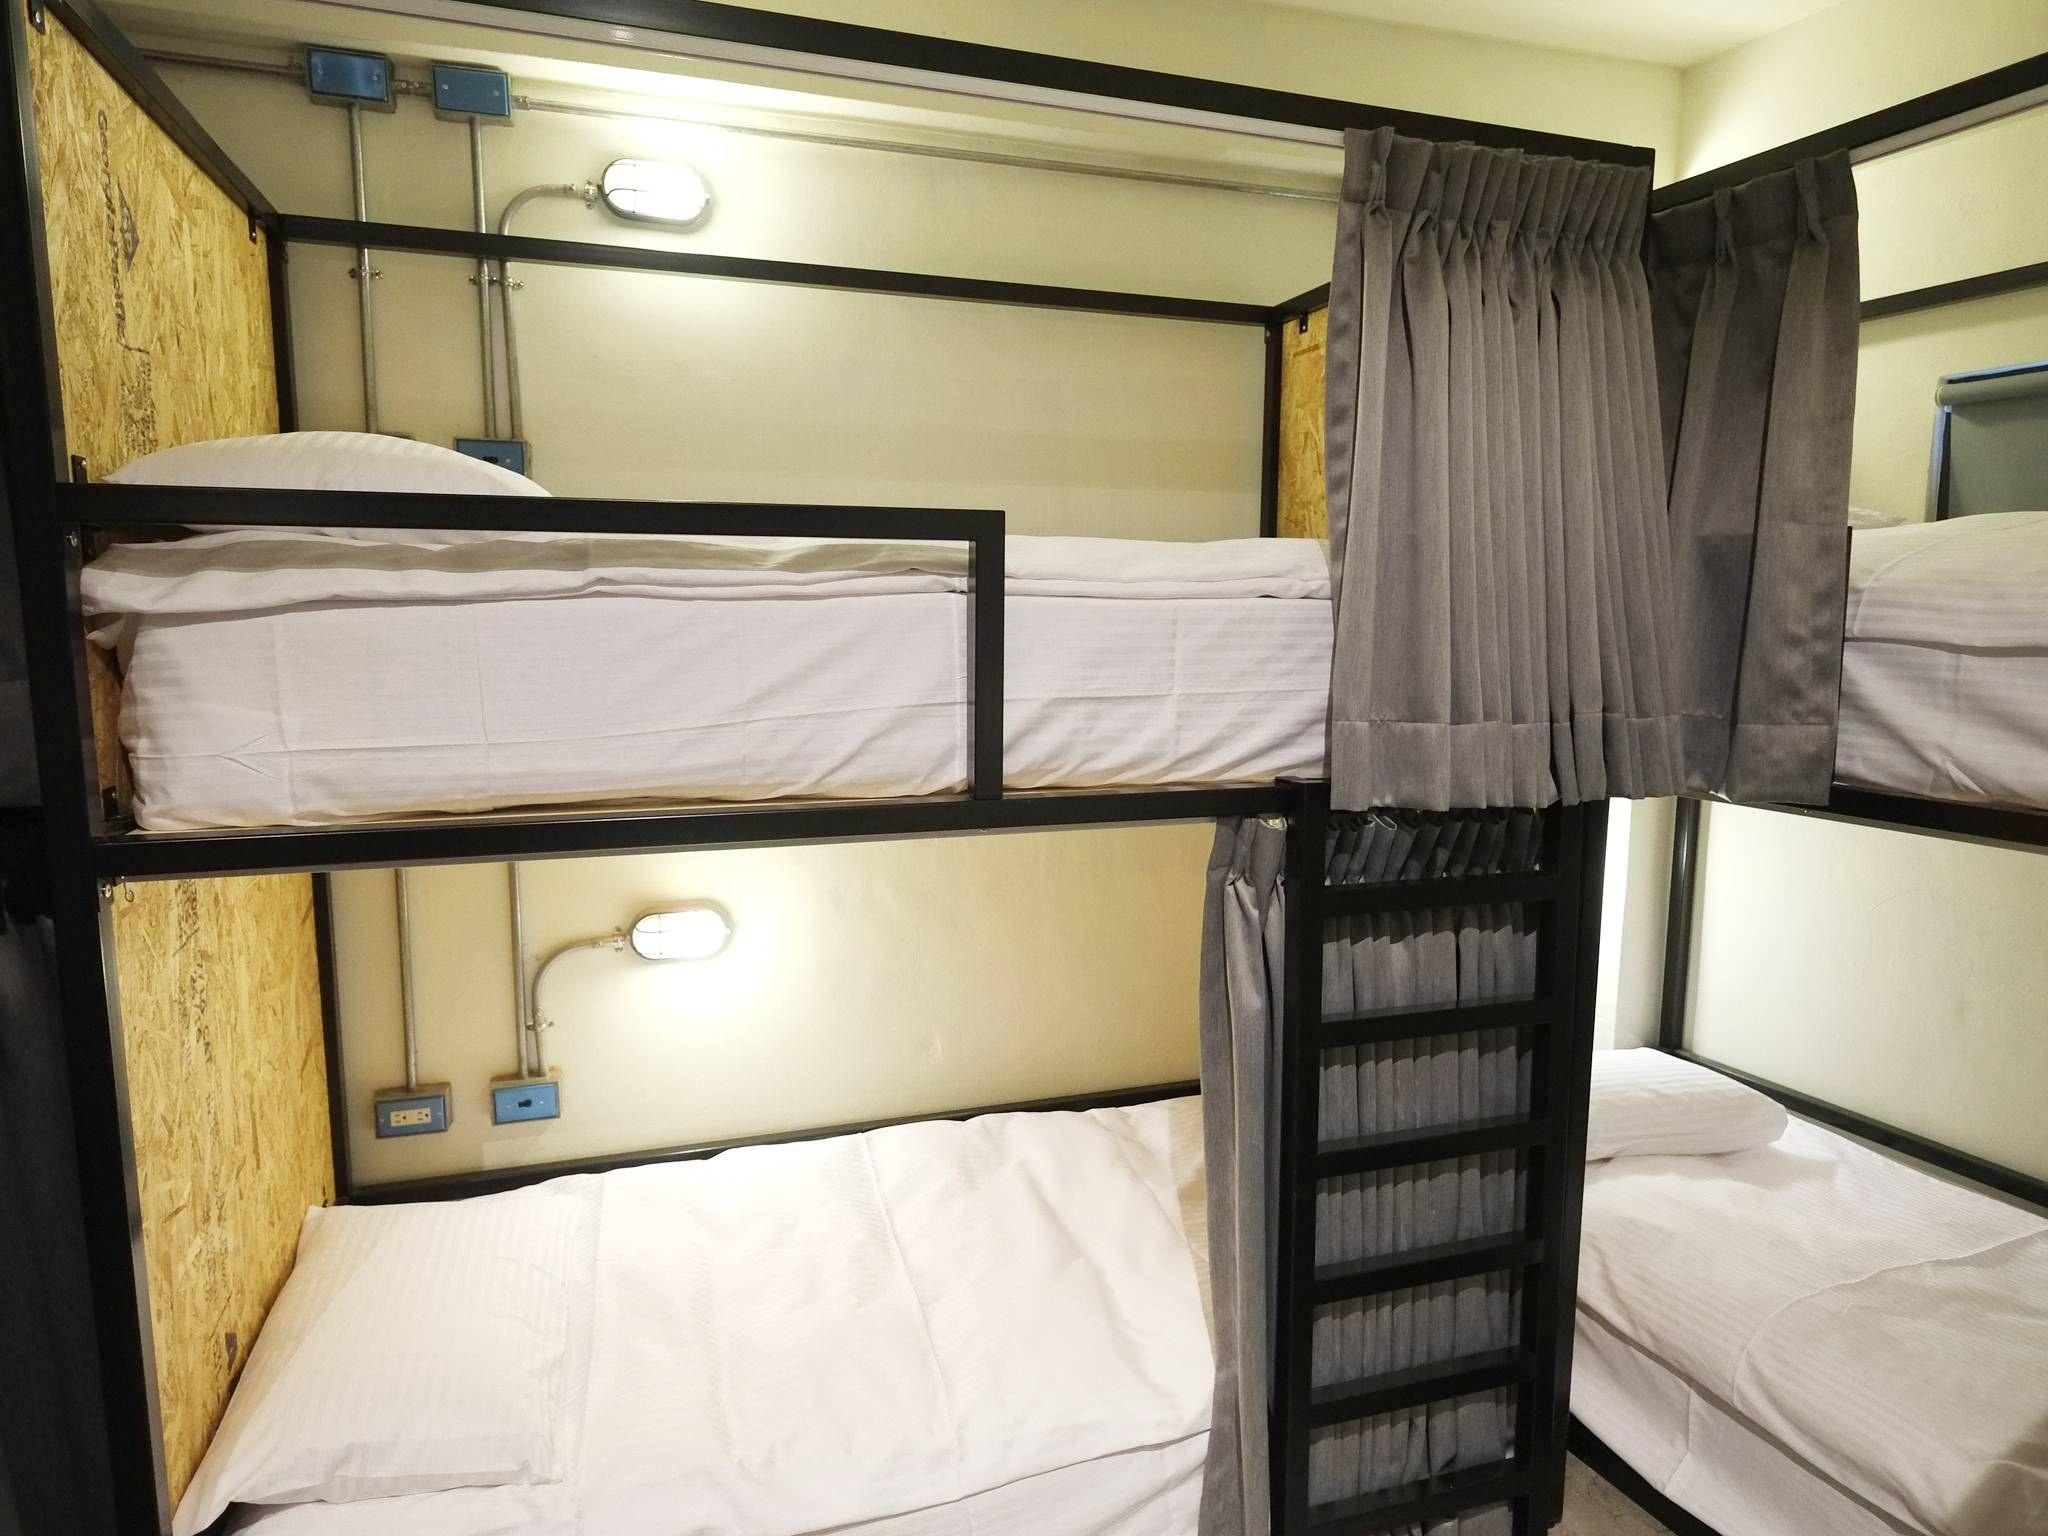 PartyO Hostel